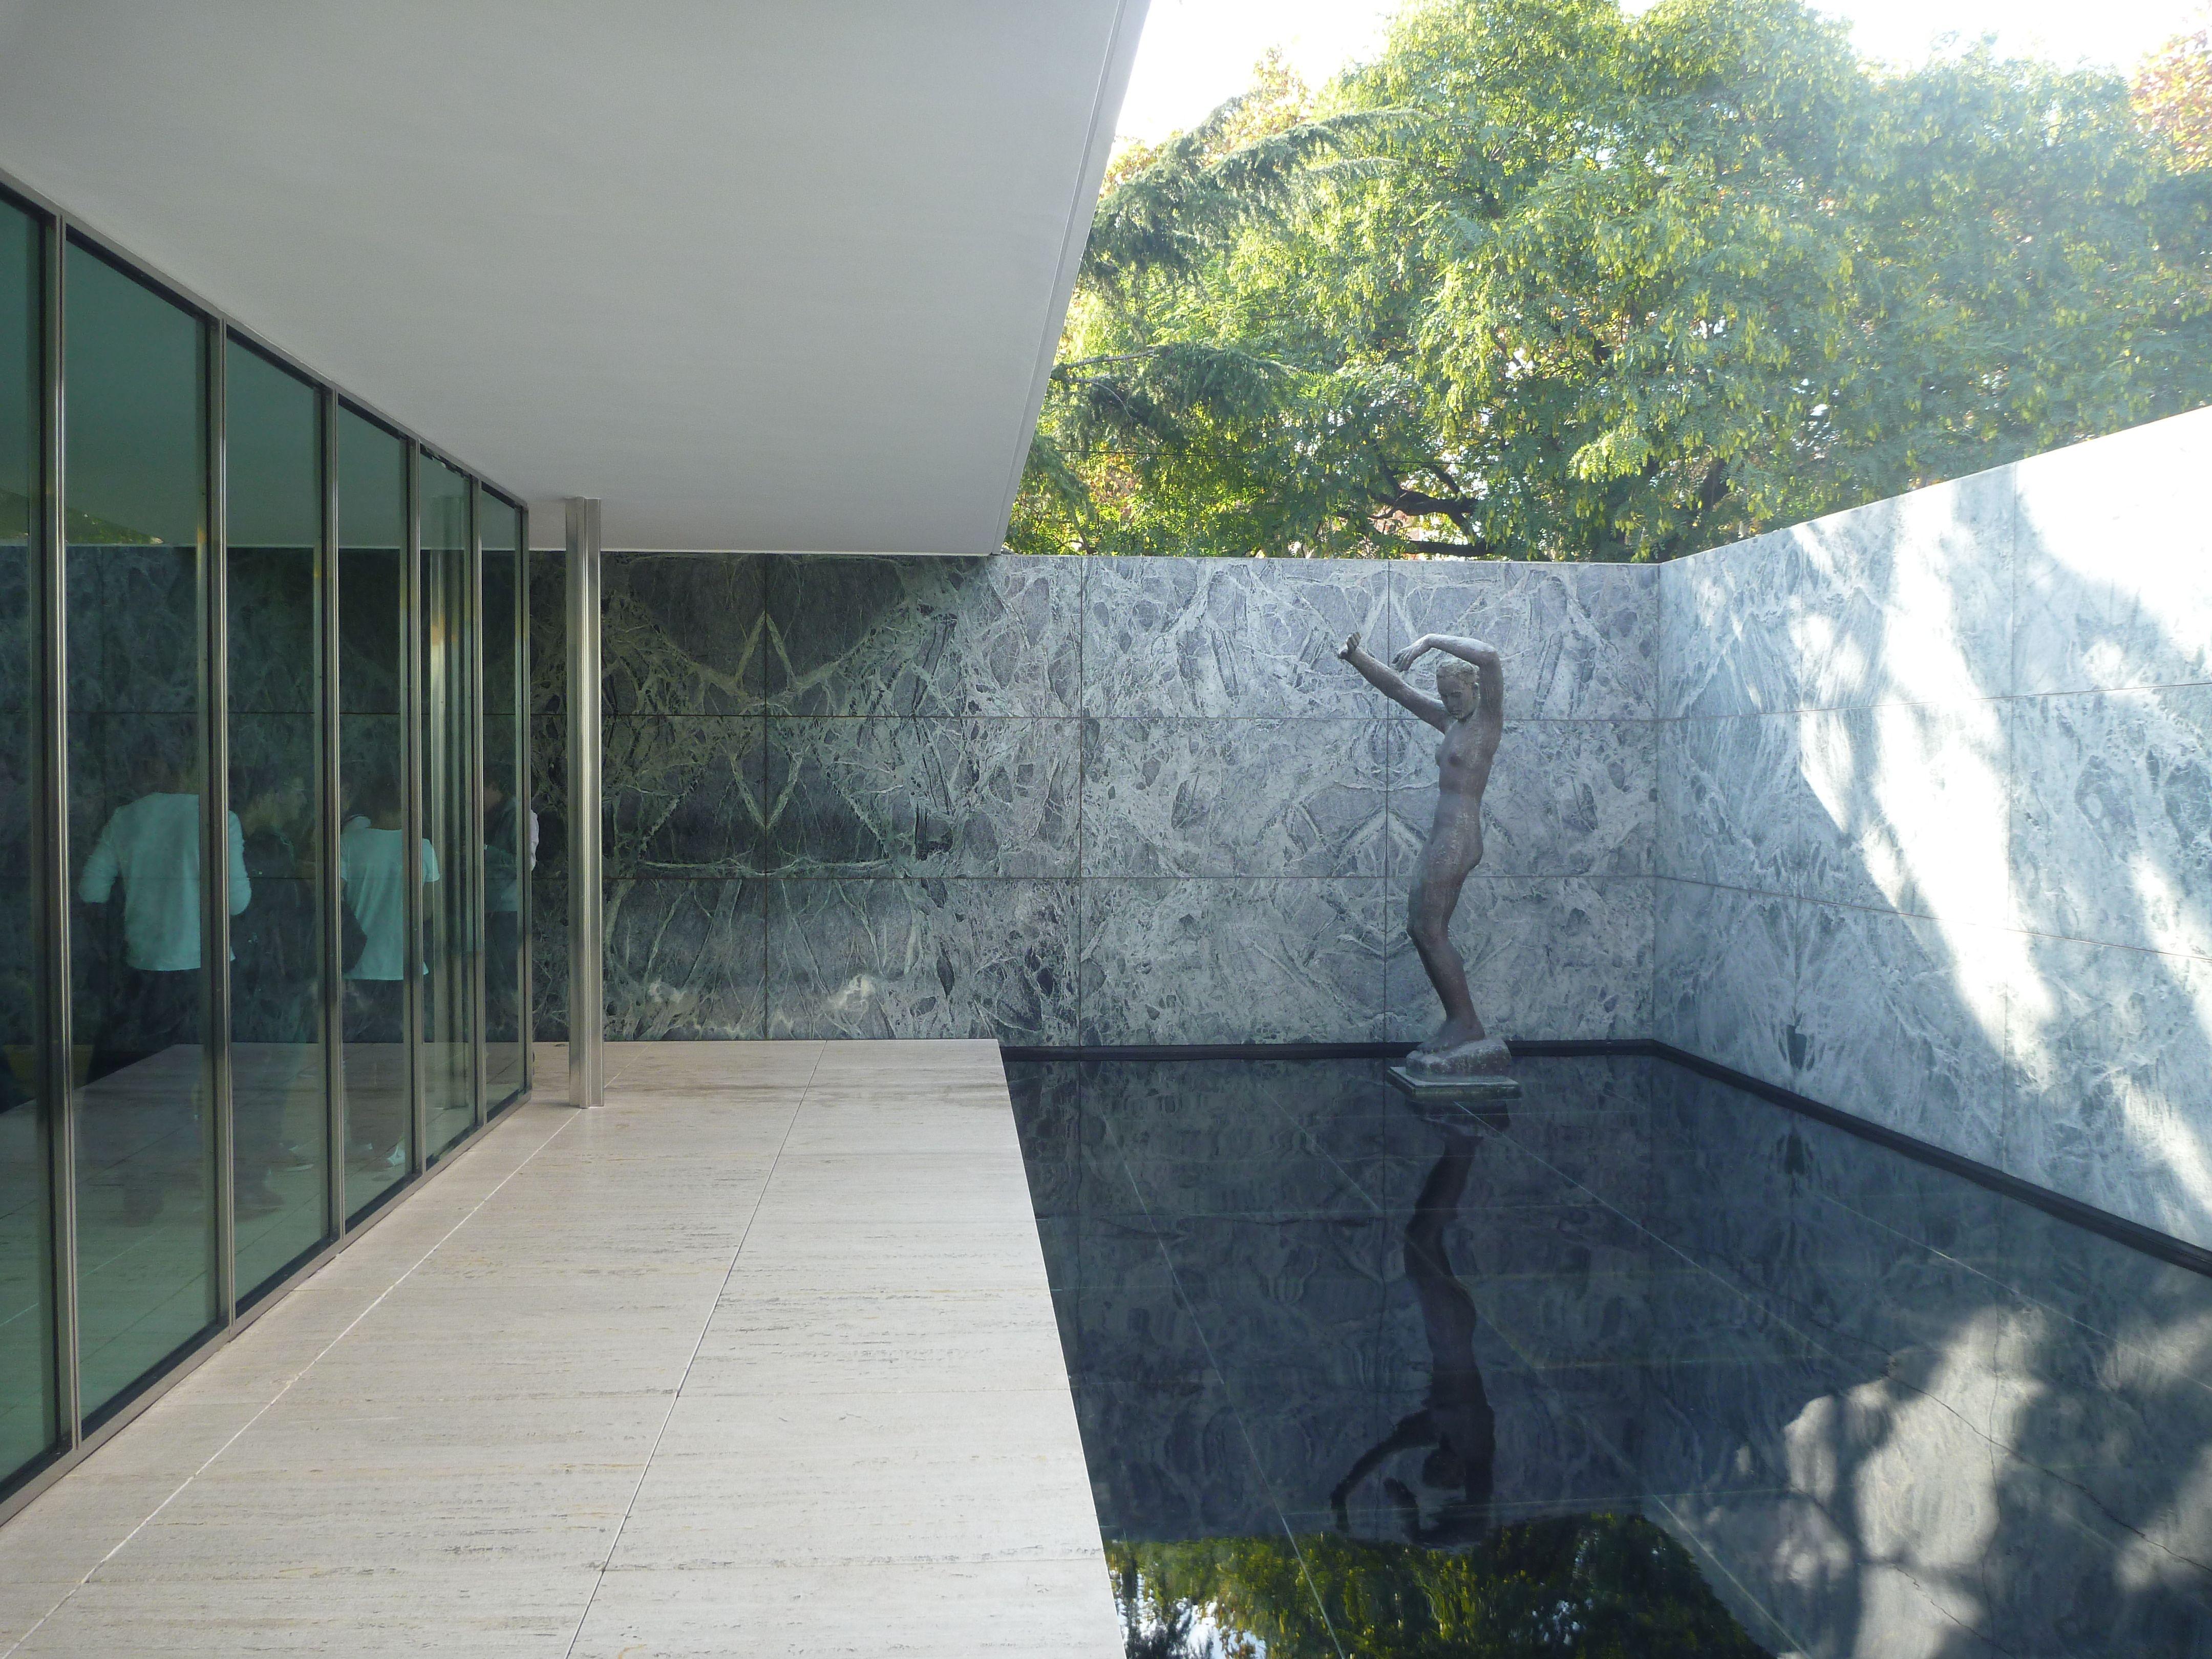 Die moderne moderne architektur aeiou sterreich for Architektur 1929